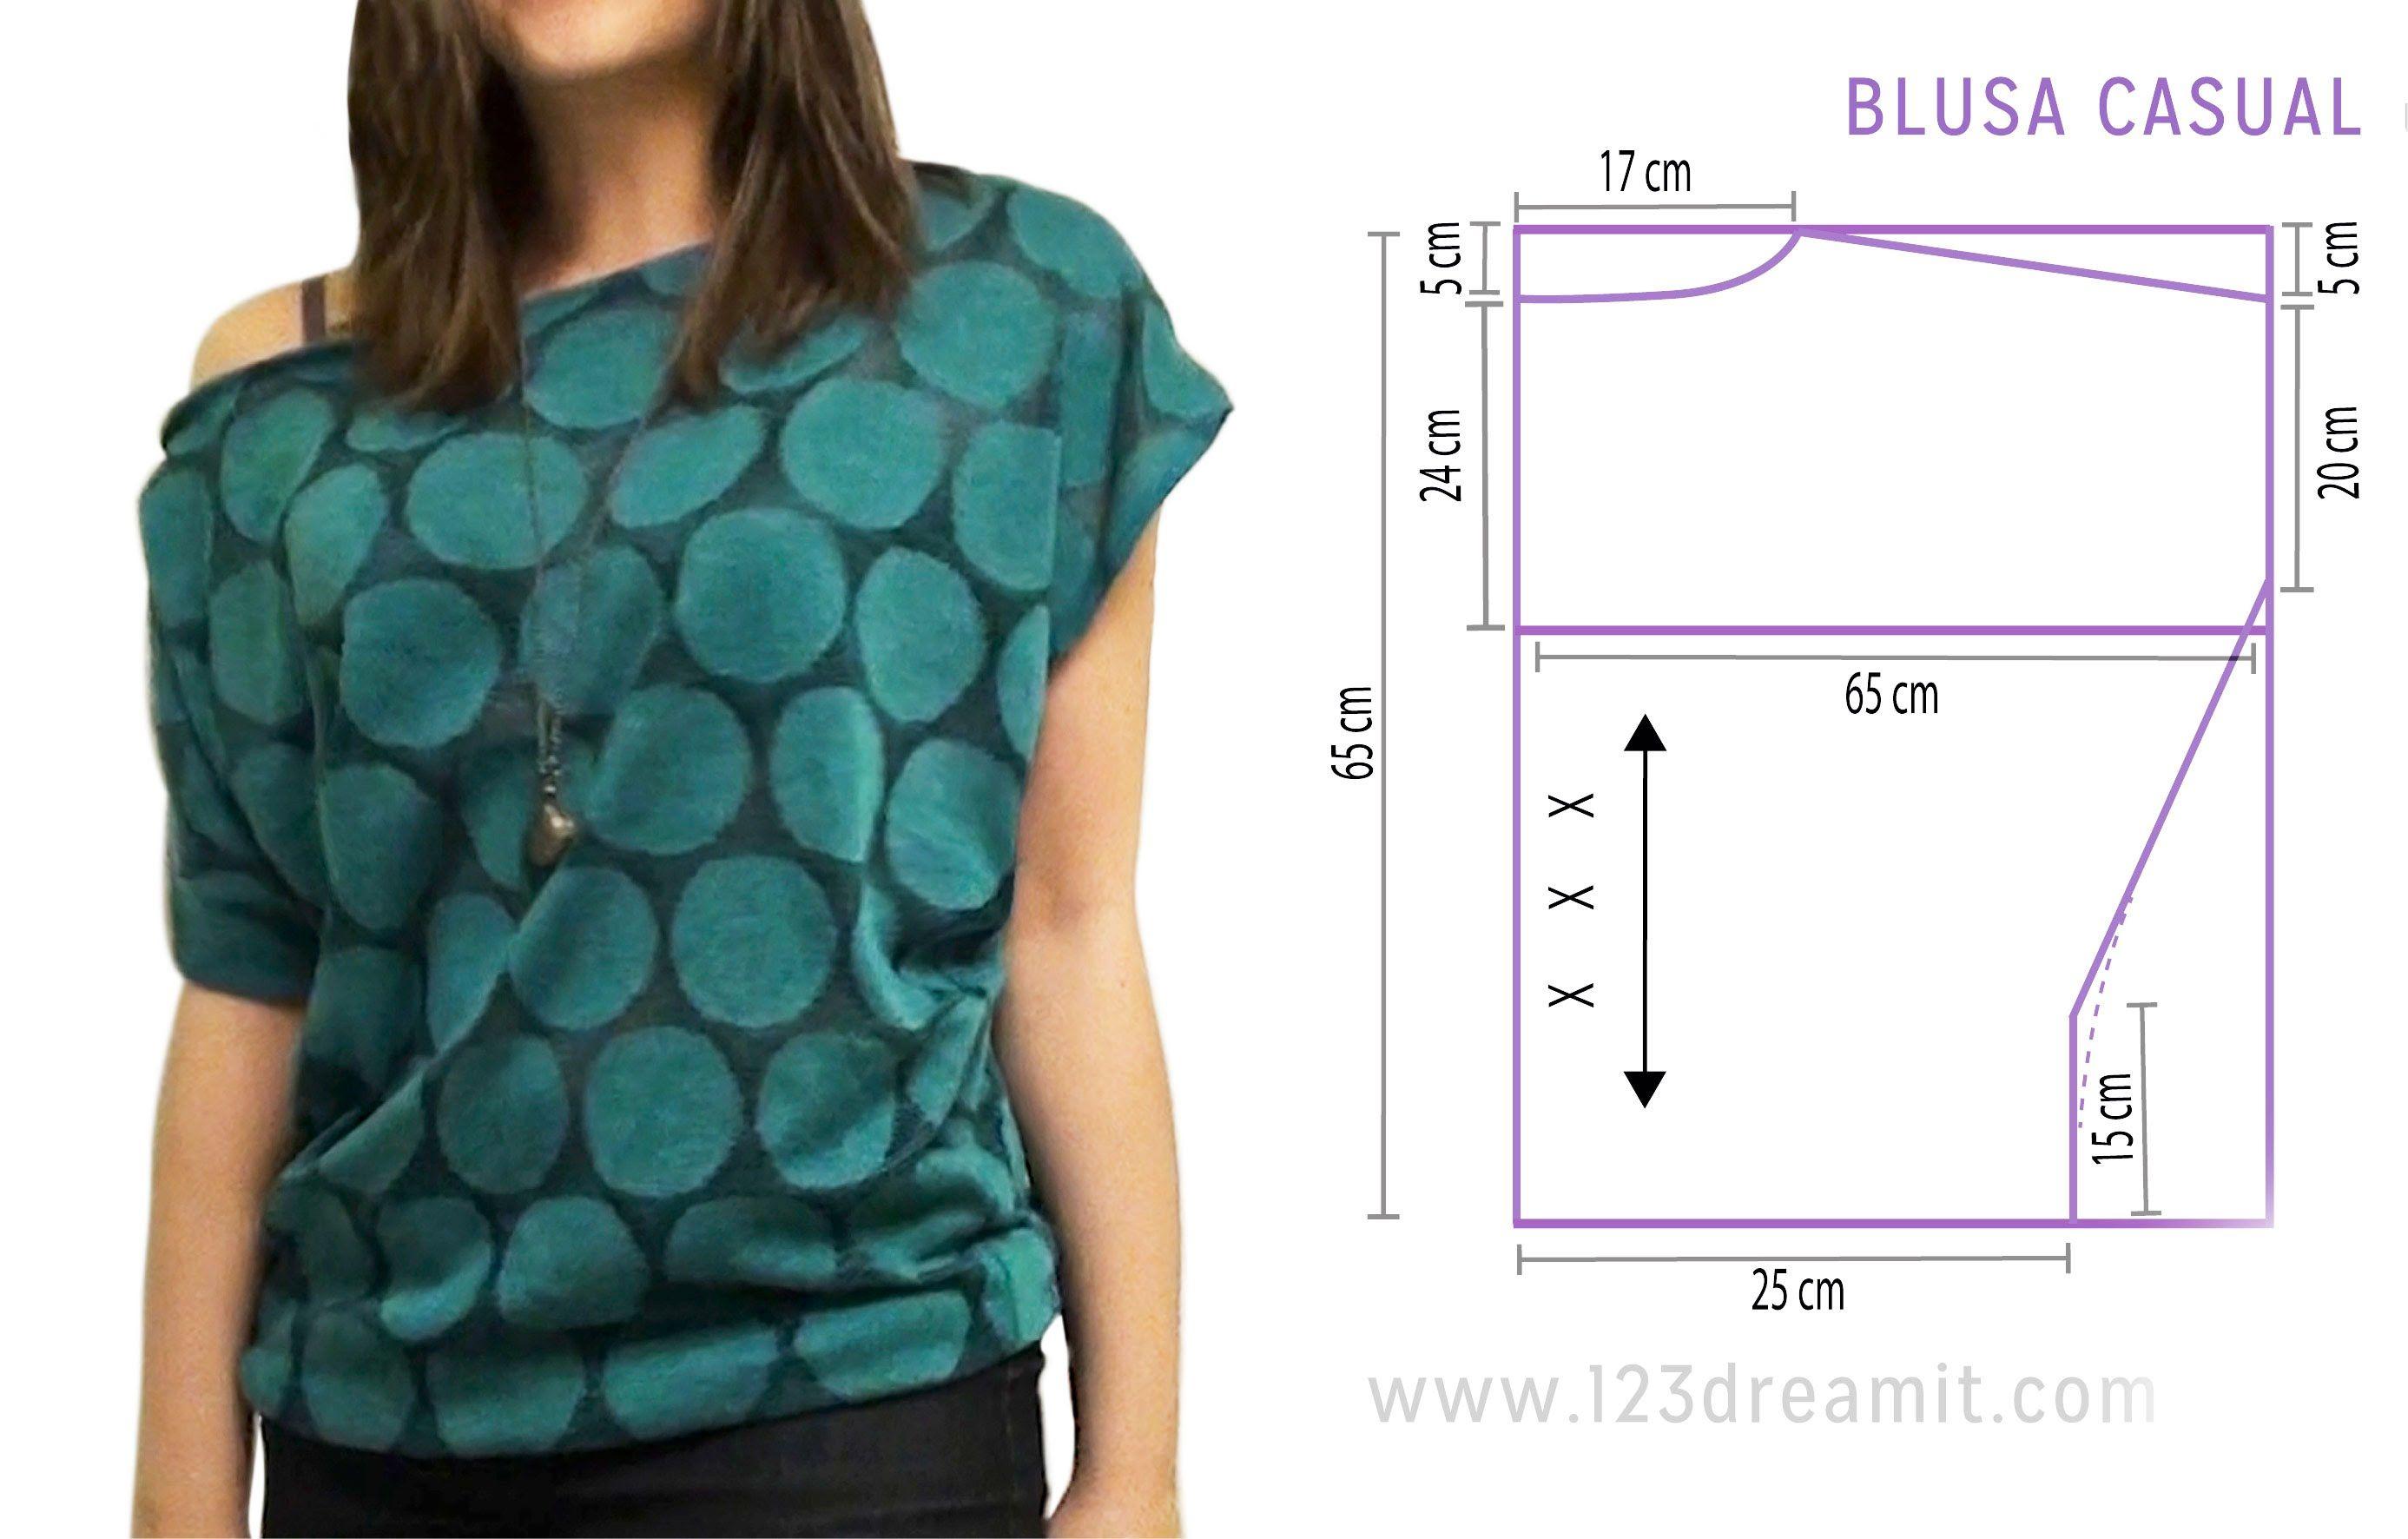 Blusa Fácil | ropa | Pinterest | Costura, Blusas y Patrones de costura